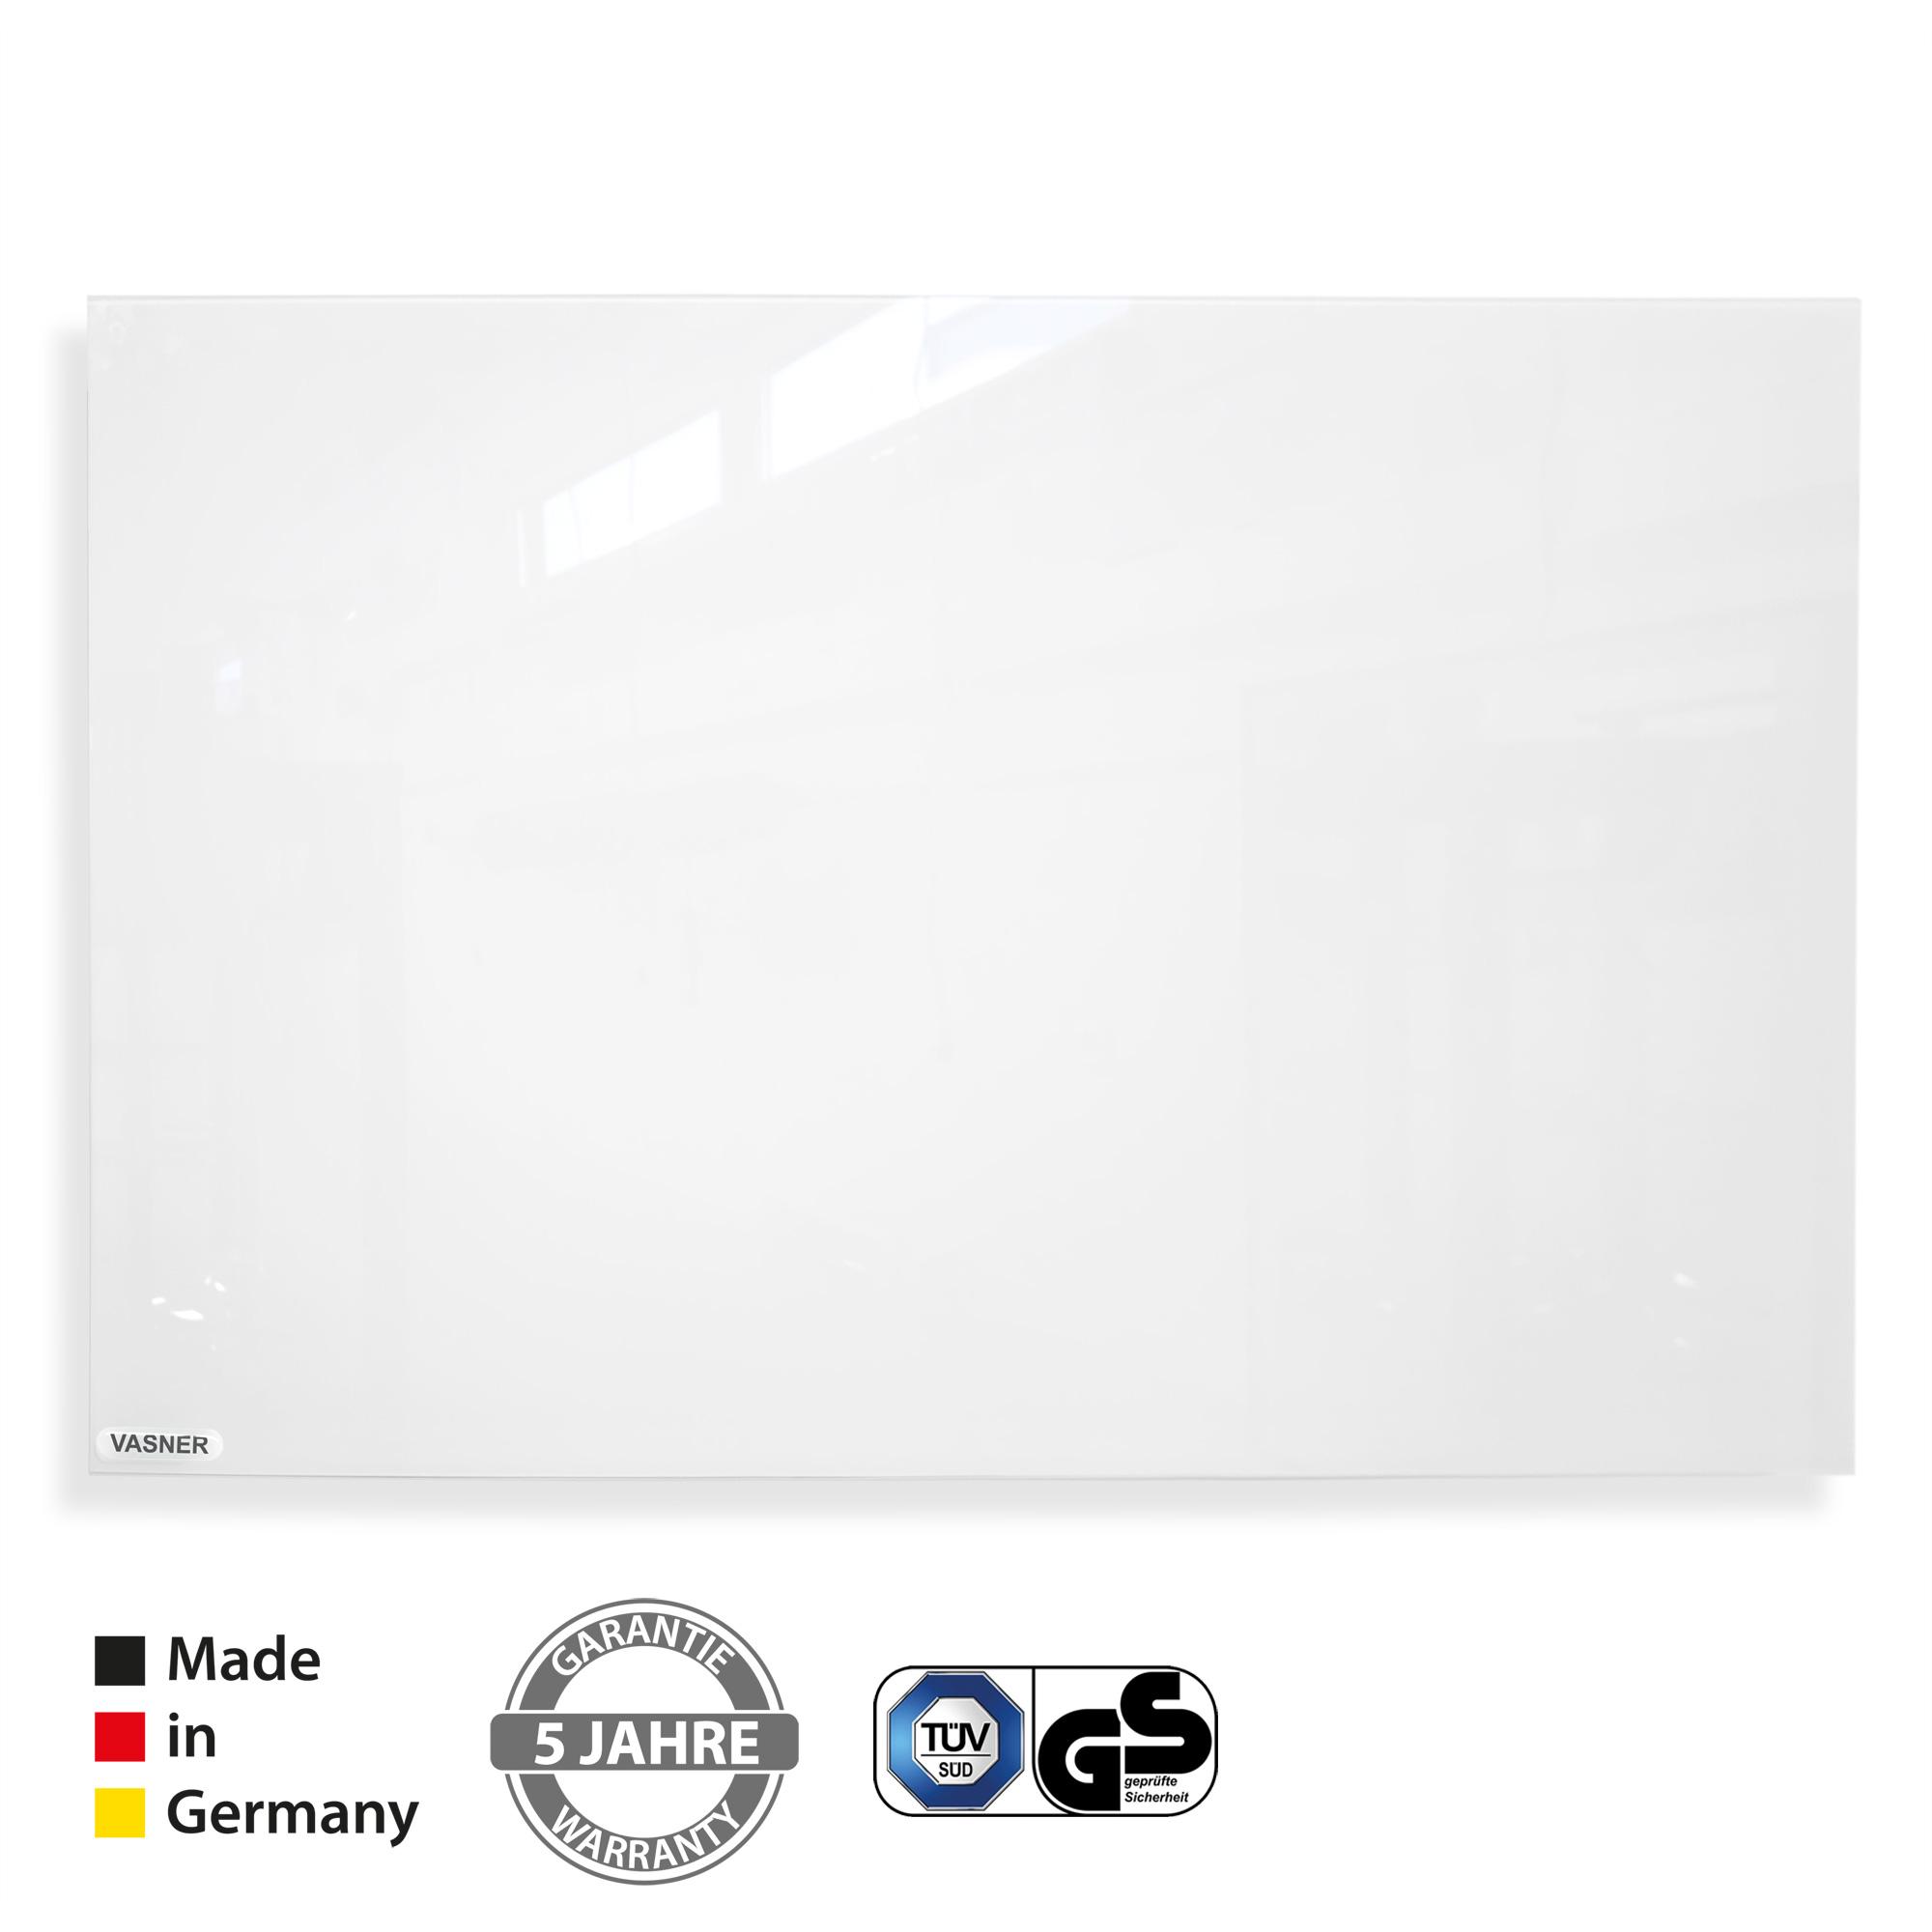 Infrarotheizung Whiteboard Glas Made in Germany mit TÜV und 5 Jahre Garantie